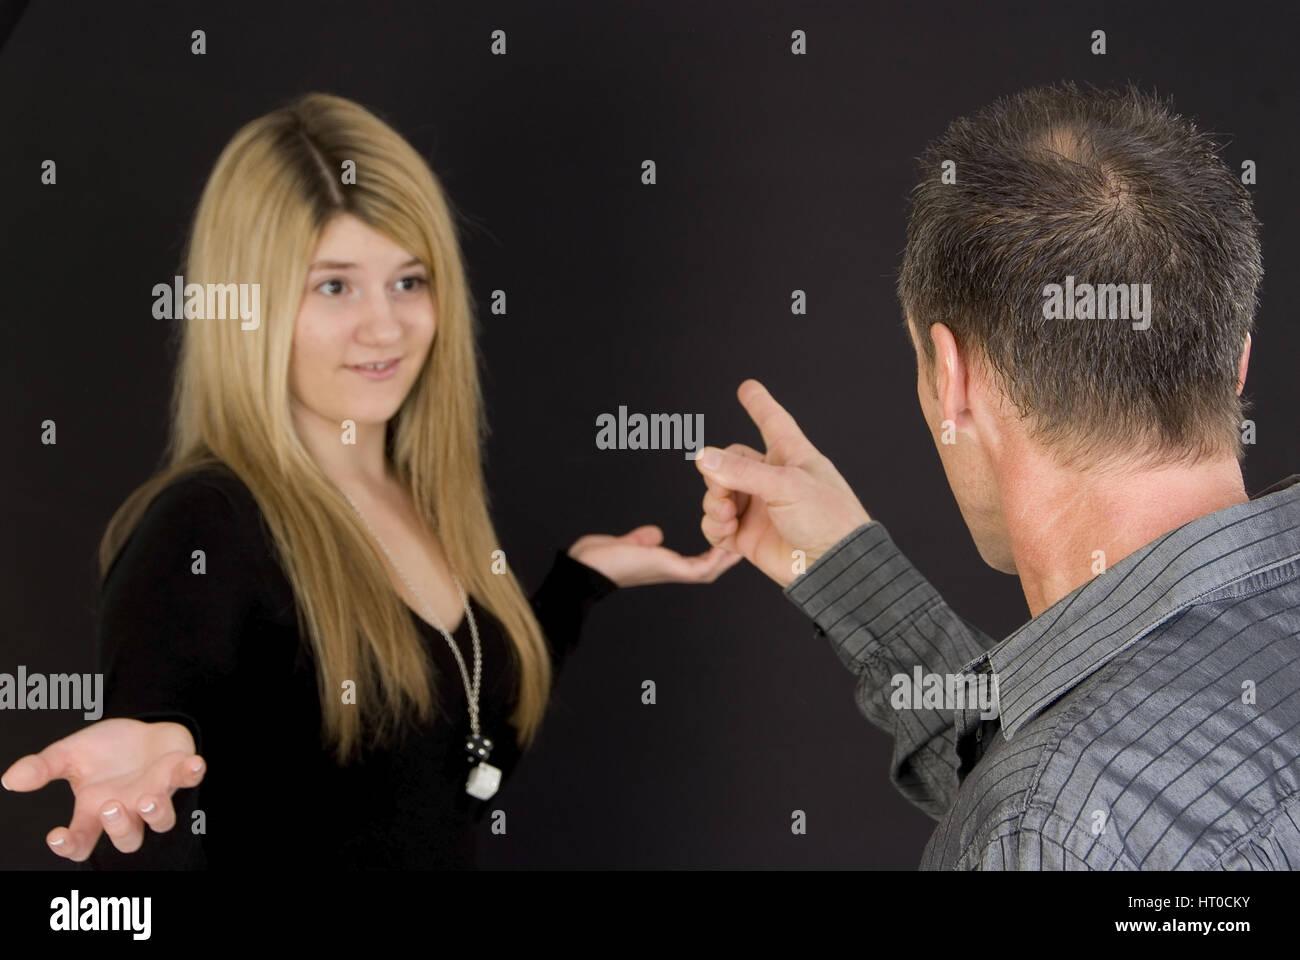 Jugendliche Tochter Und Vater Streiten Miteinander - Vater und Tochter argumentieren Stockbild